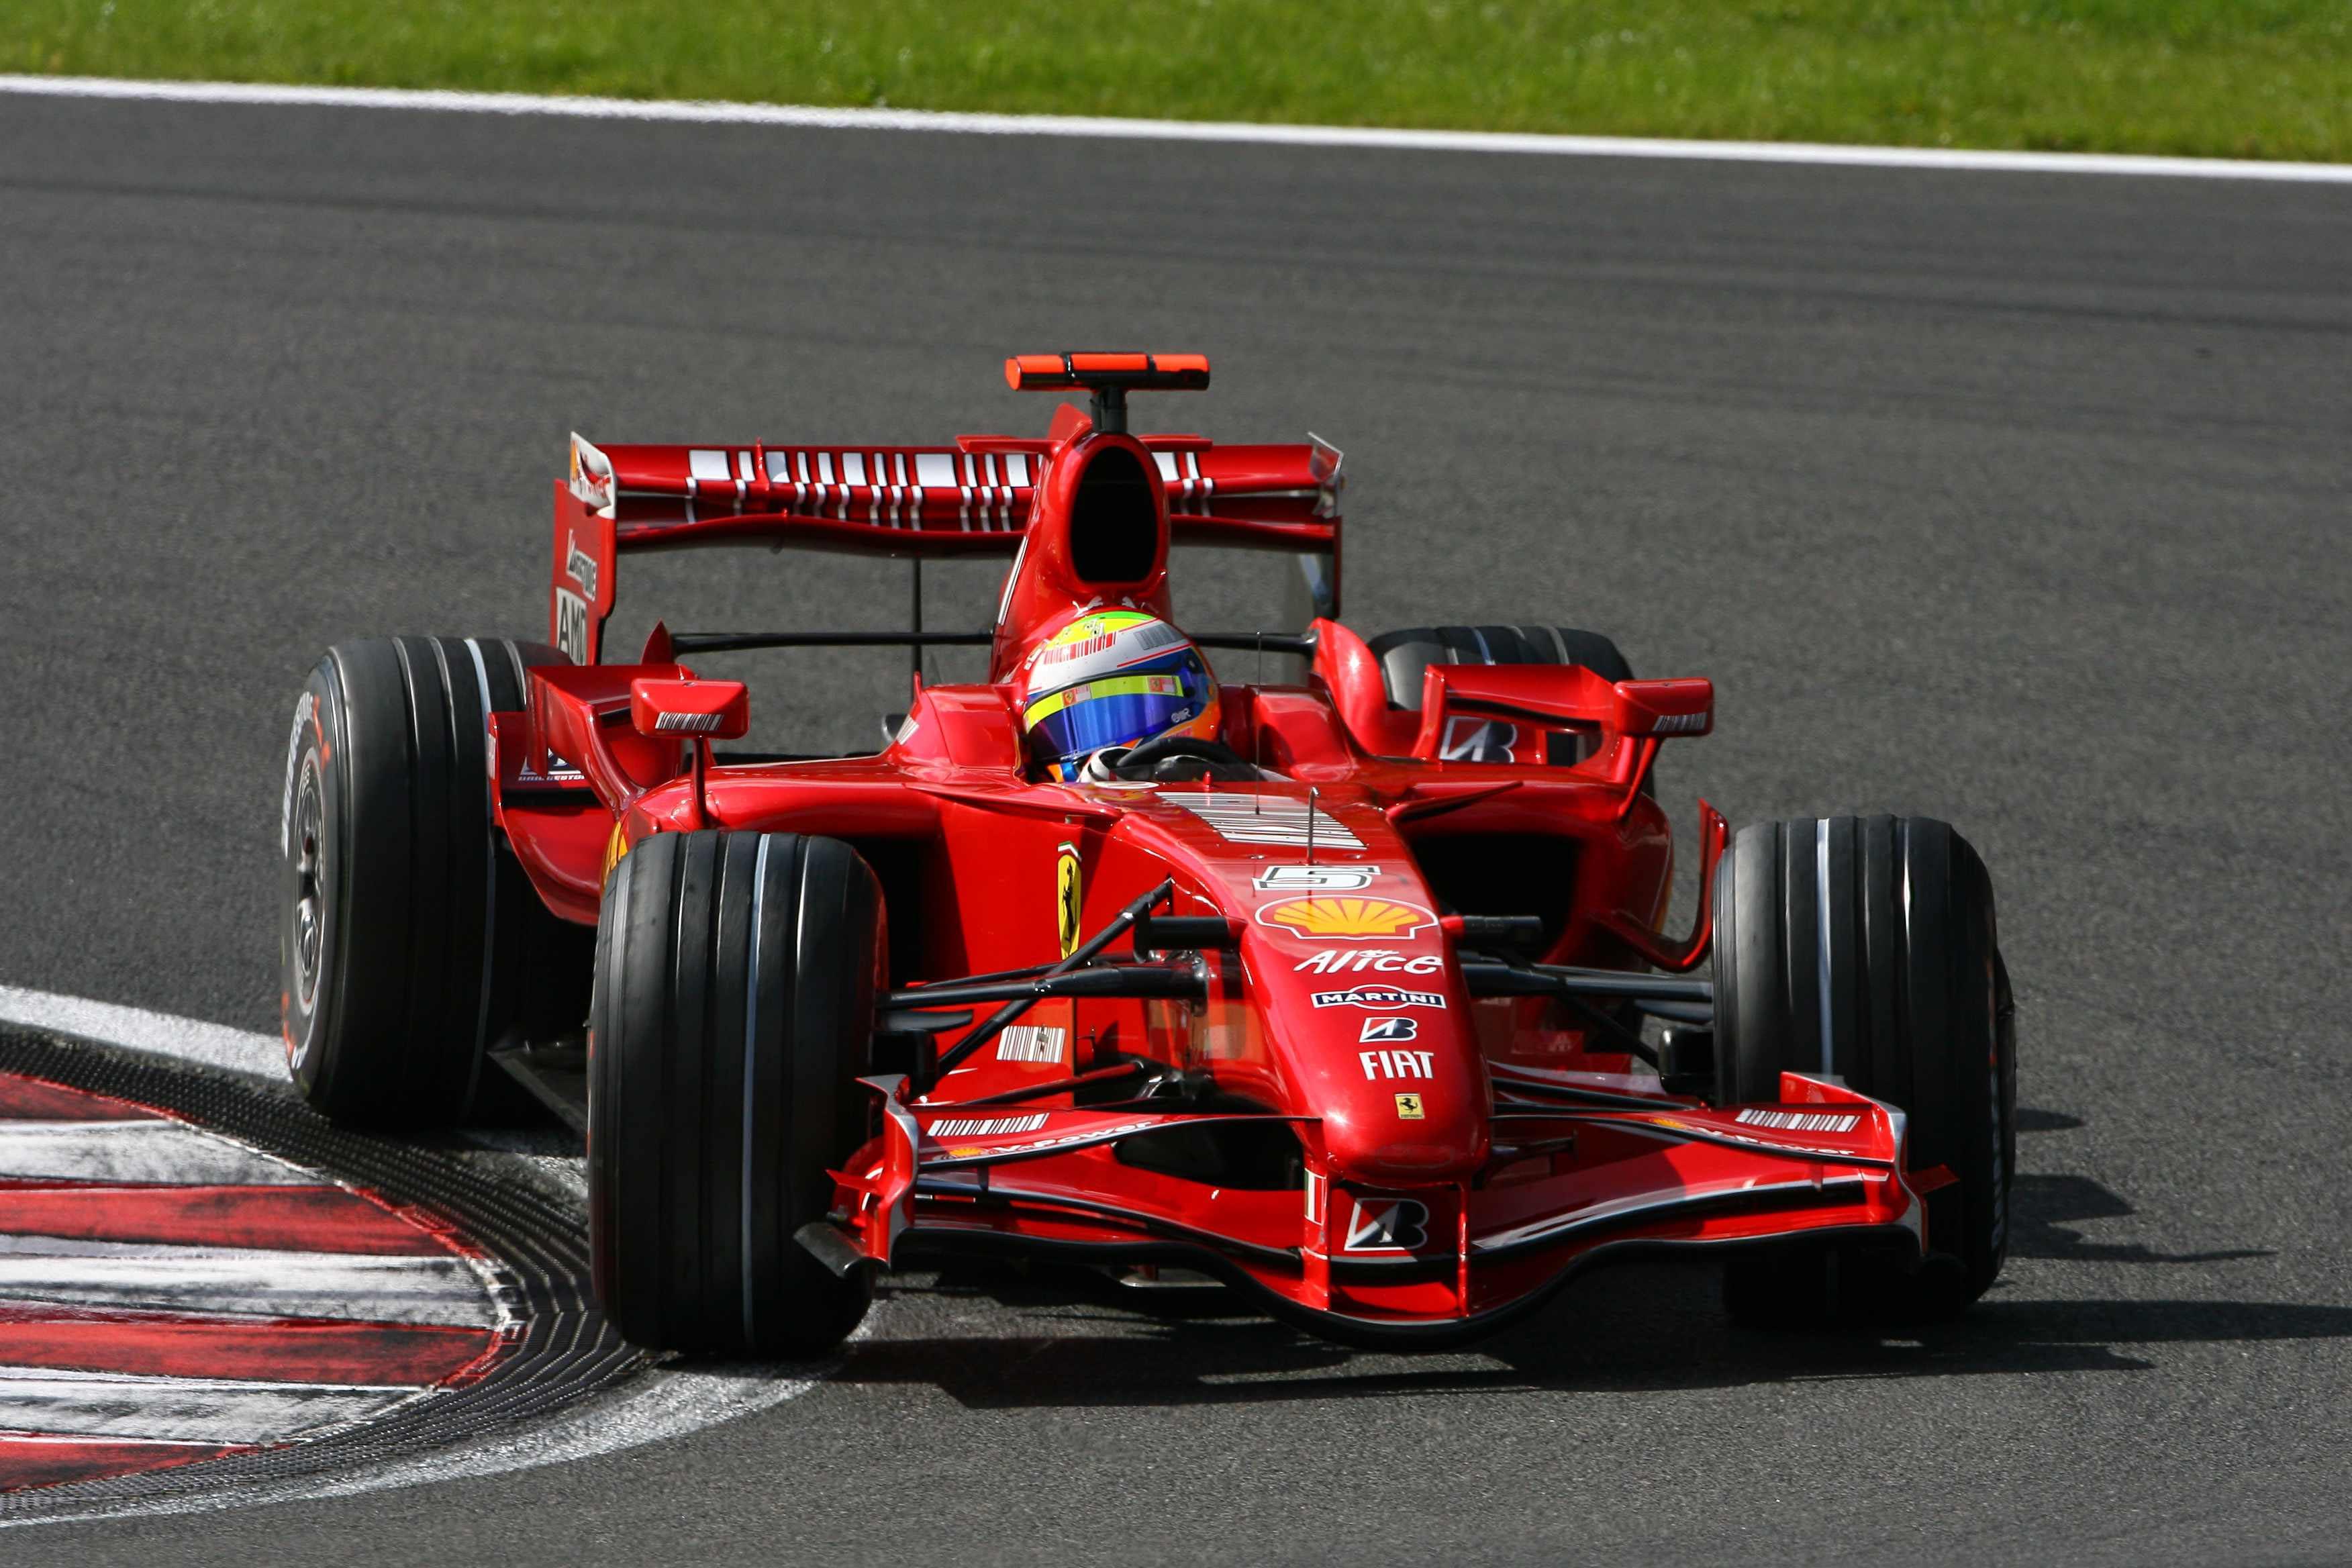 F1 2012 - это новая часть всемирно известной серии гоночных симуляторов